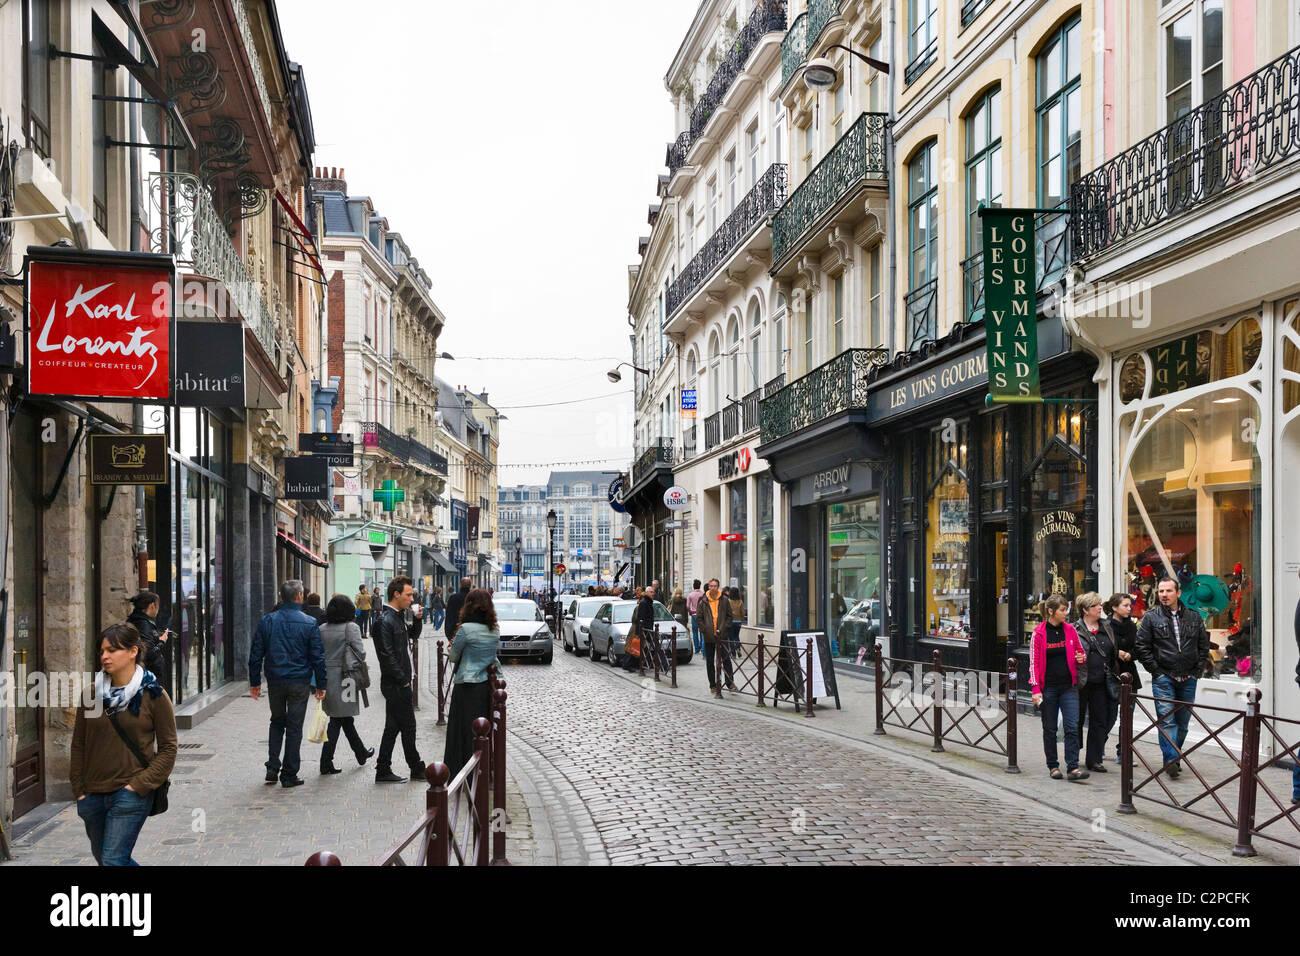 Tiendas en una calle del centro de la ciudad de Lille, en Francia, Flandes, Francia Imagen De Stock